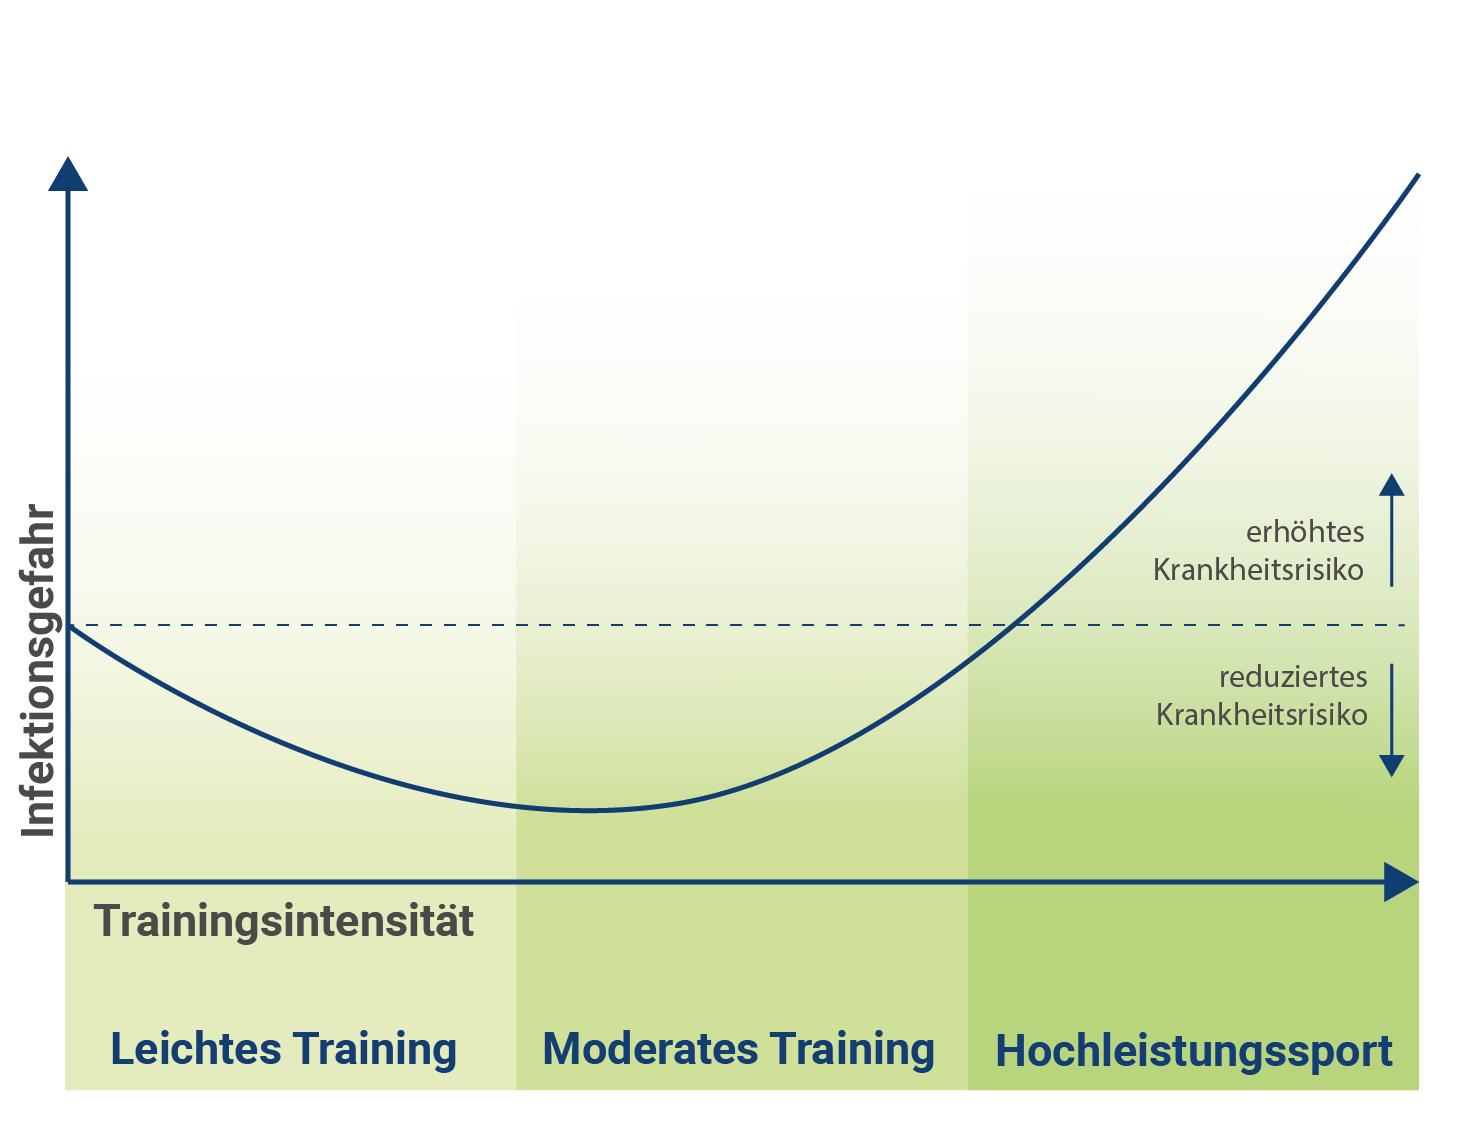 schwaches-immunsystem-aufbauen-moderates-training-verlauf